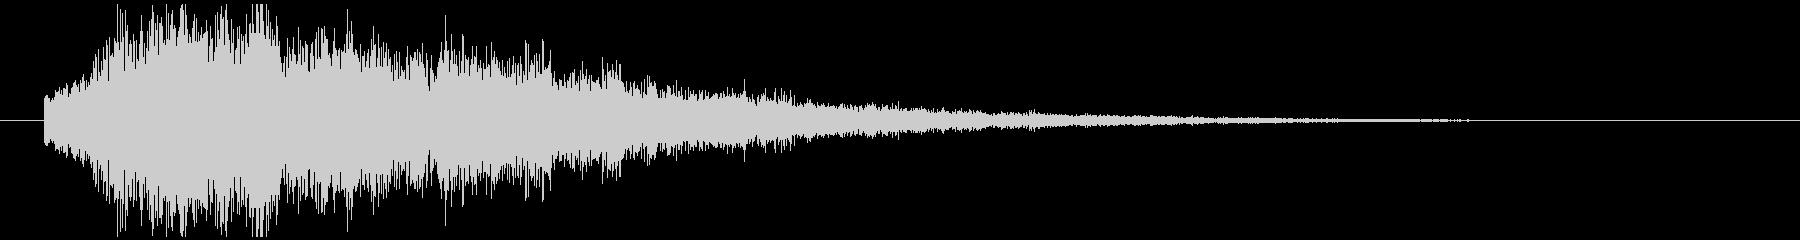 8秒間の、暗い雰囲気なシンセベル音の未再生の波形